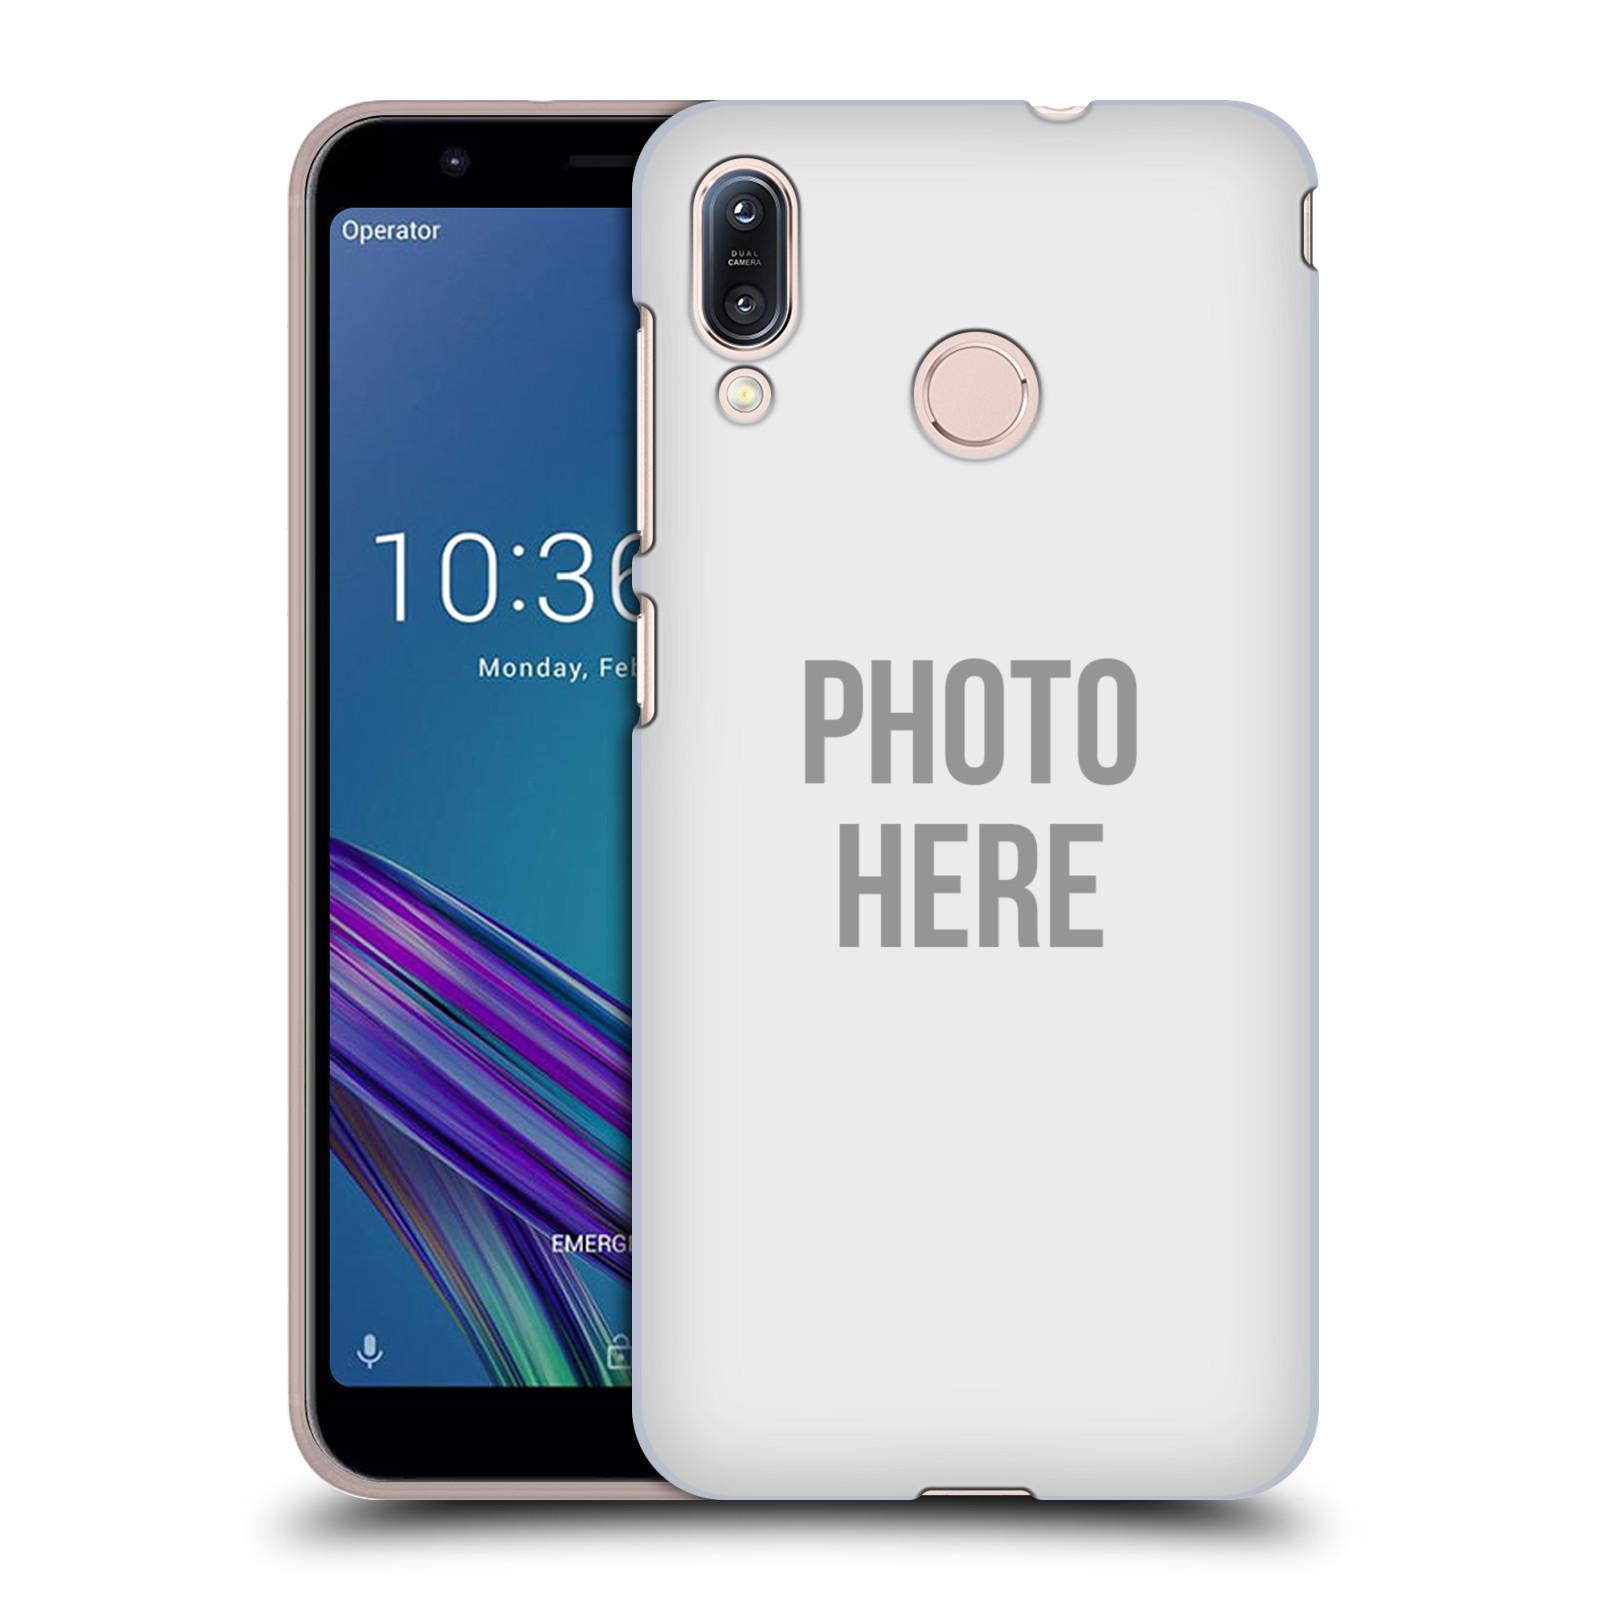 Plastové pouzdro na mobil Asus Zenfone Max M1 ZB555KL - Head Case - s vlastním motivem